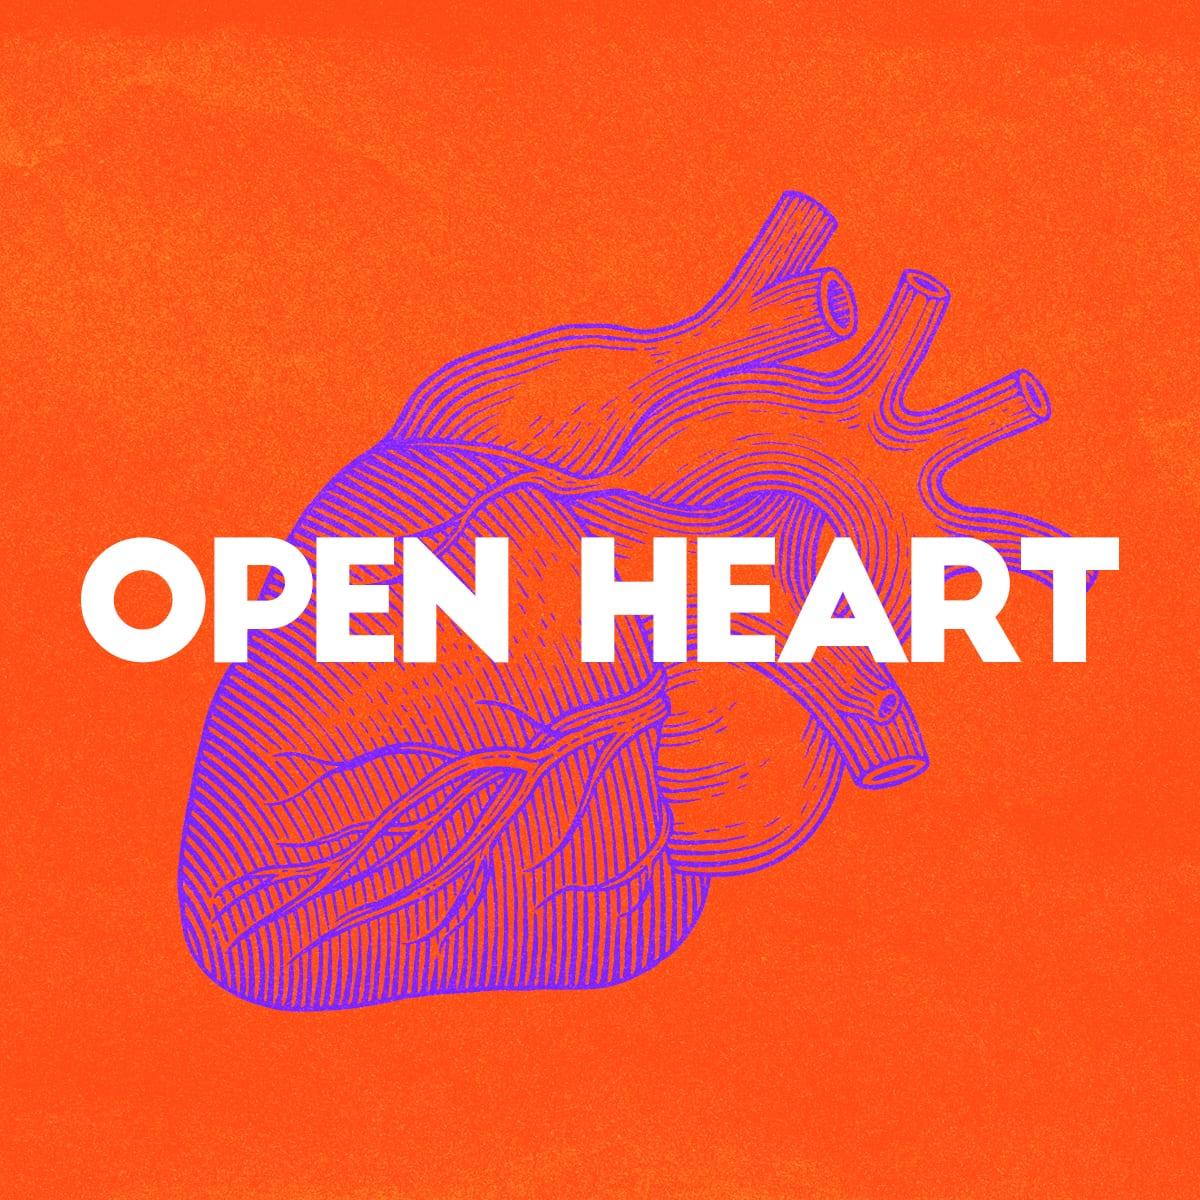 Open Heart Sermon Series on The Heart